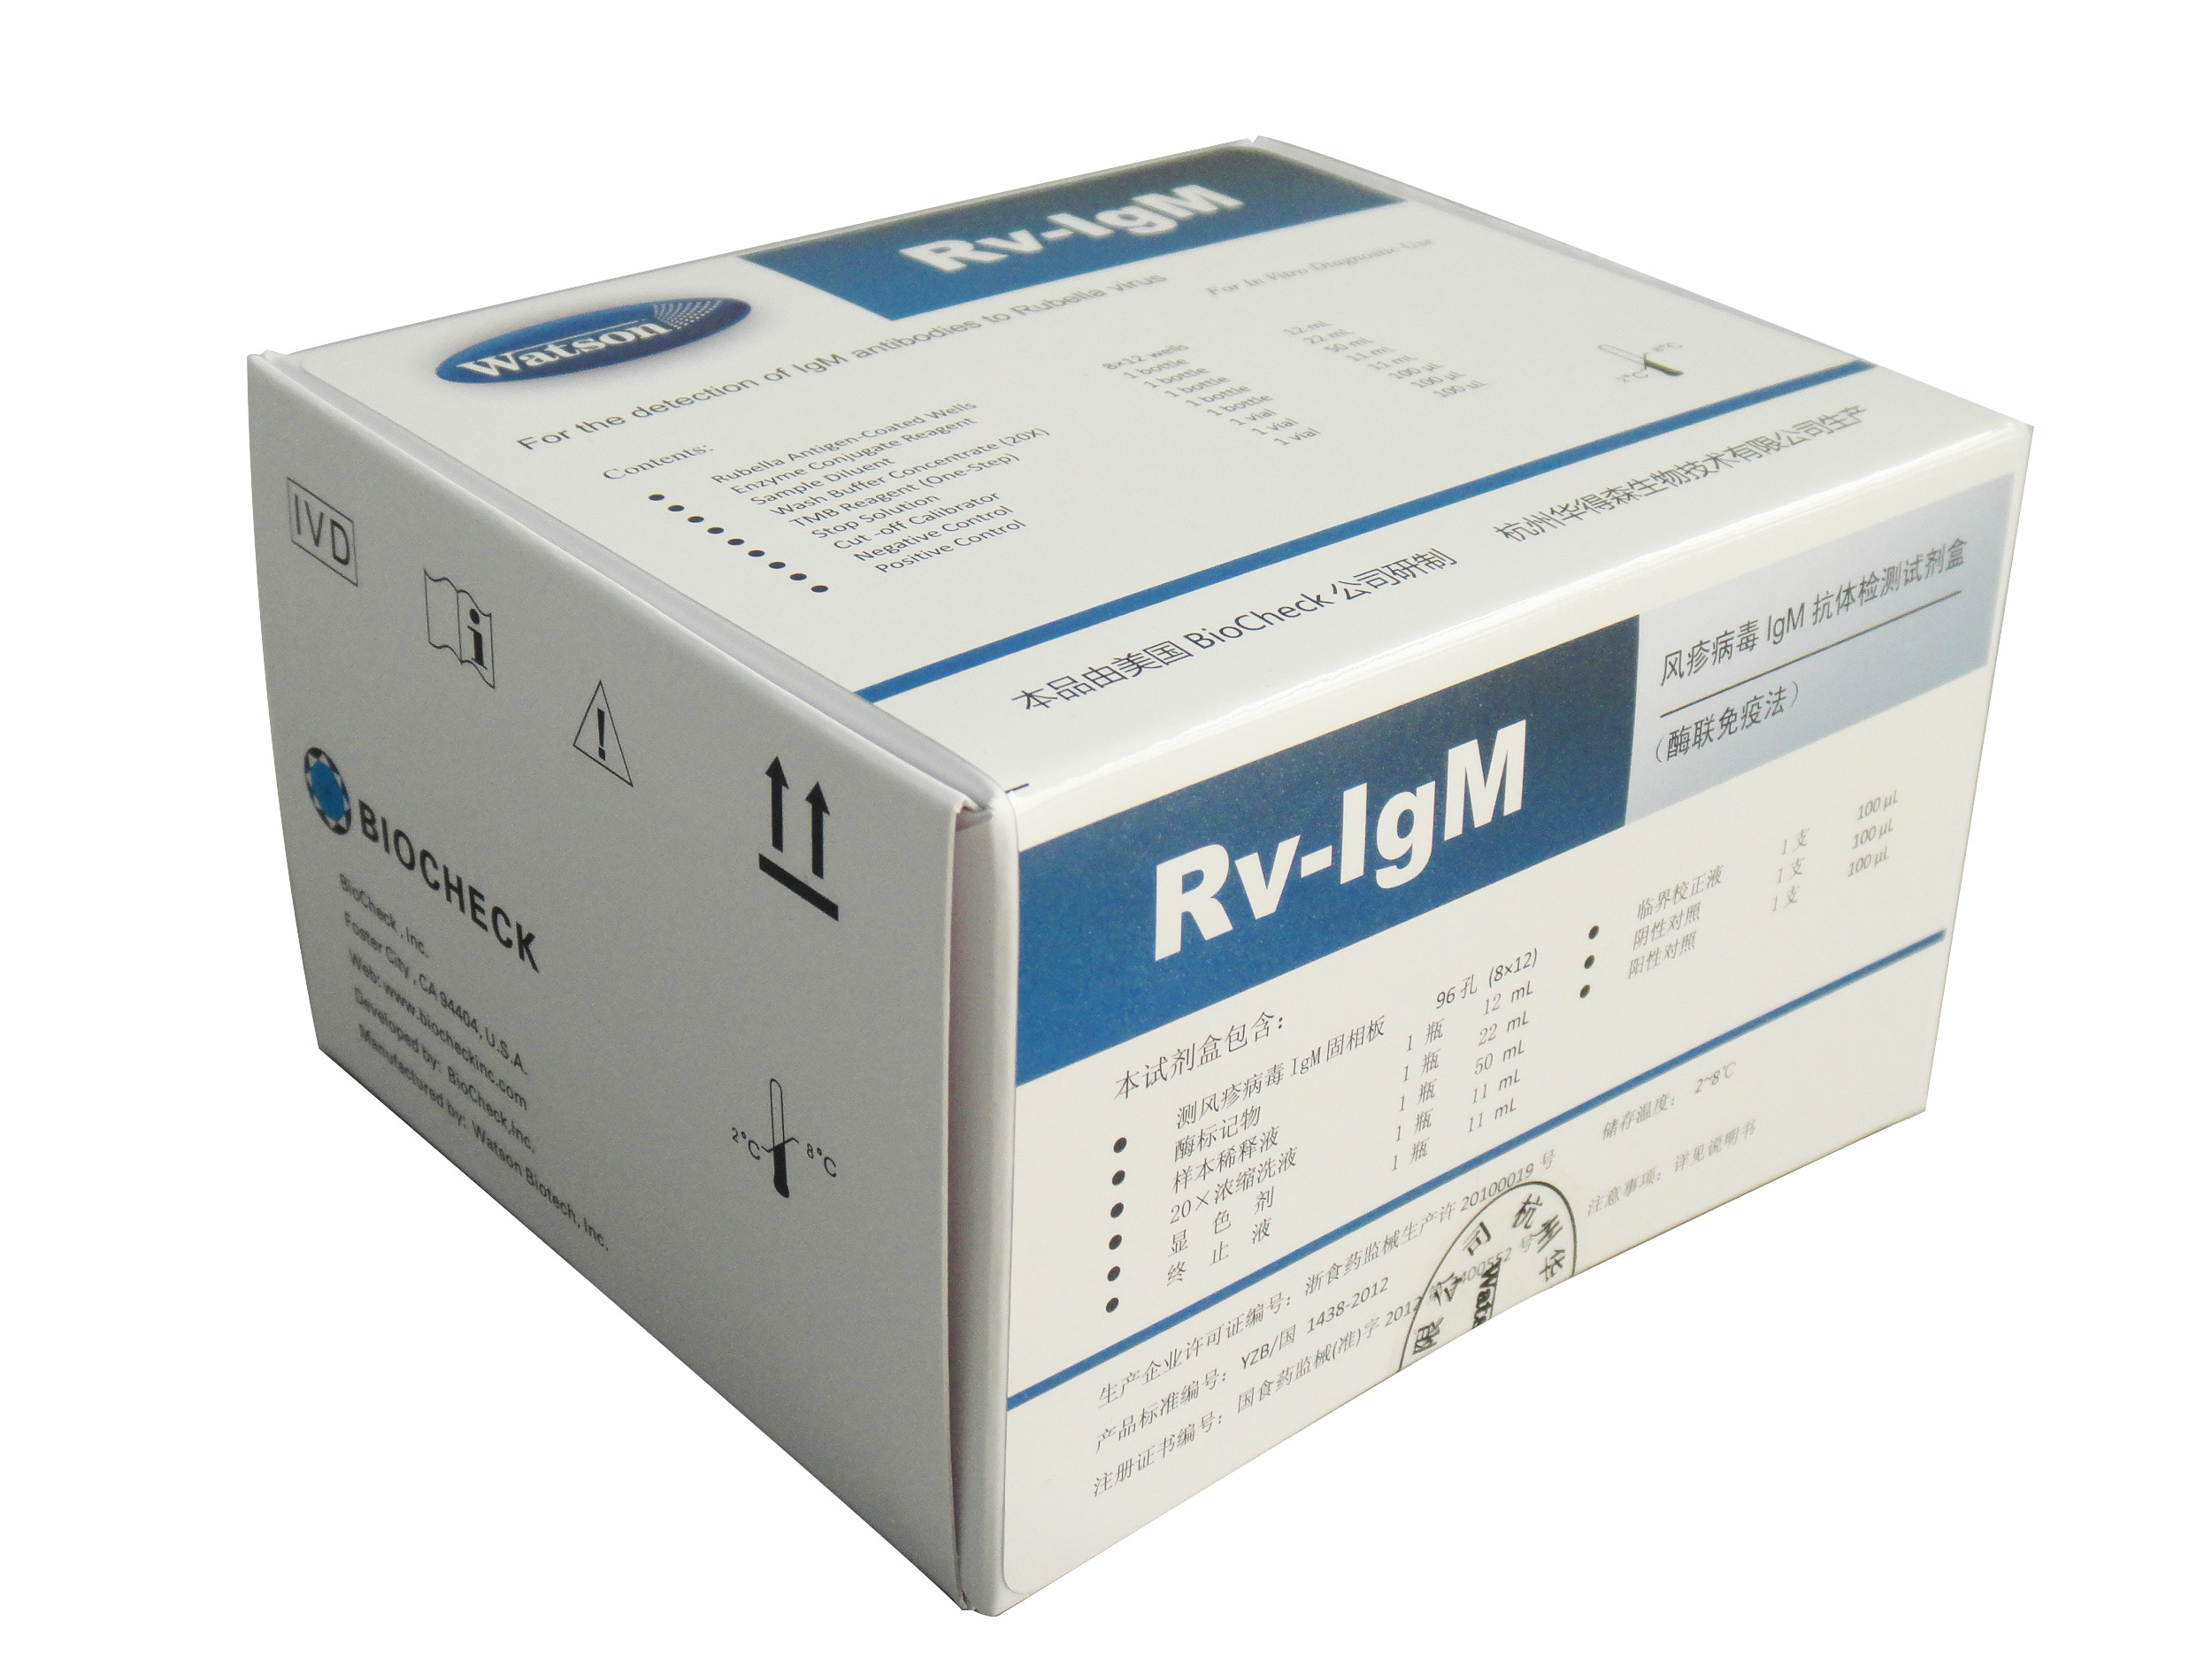 风疹病毒IgM抗体检测试剂盒